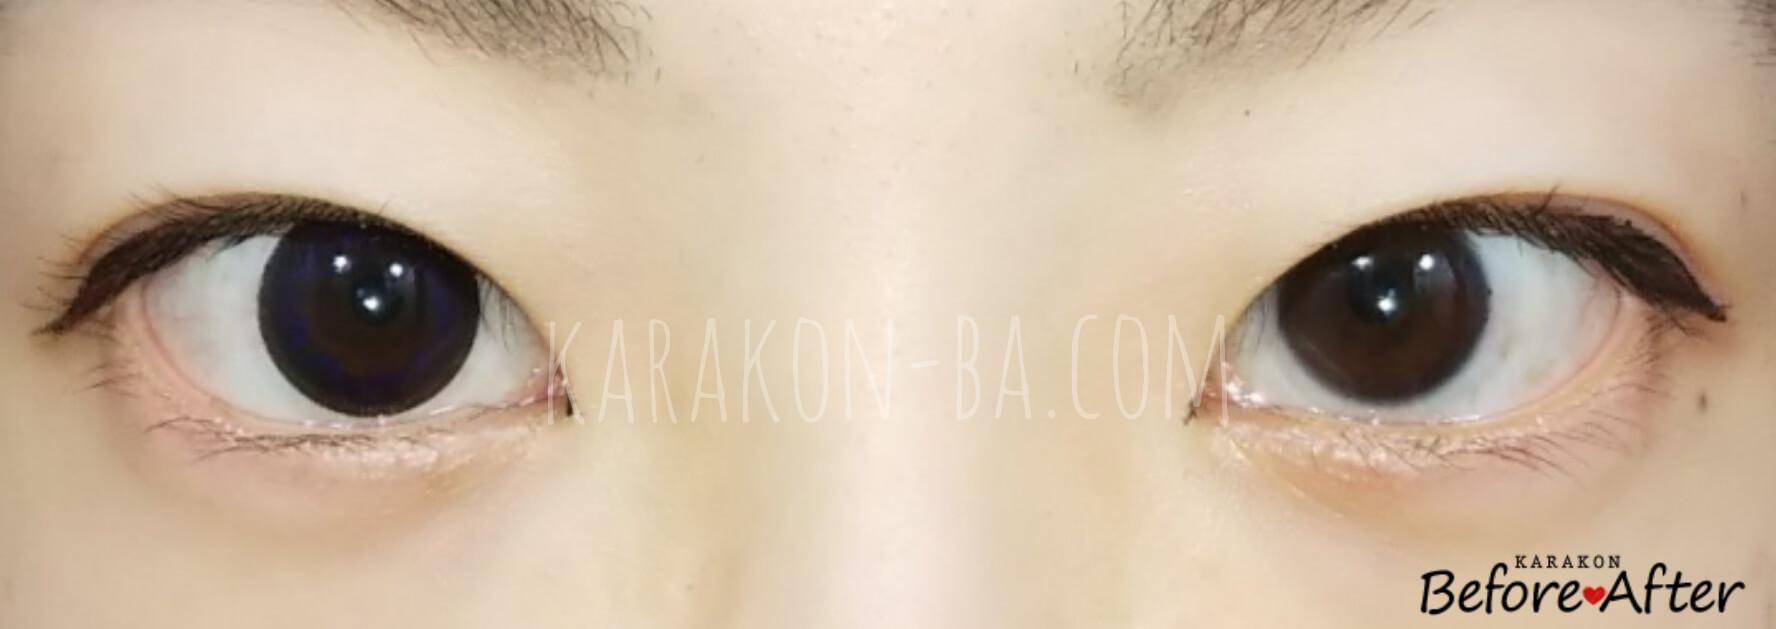 リッチブラックのカラコン装着画像/裸眼と比較